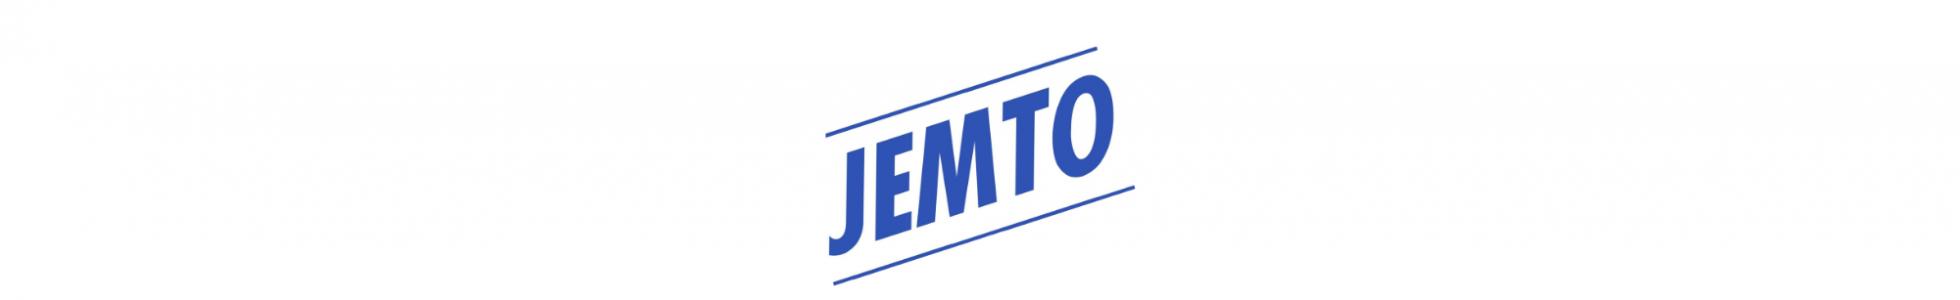 Jemto